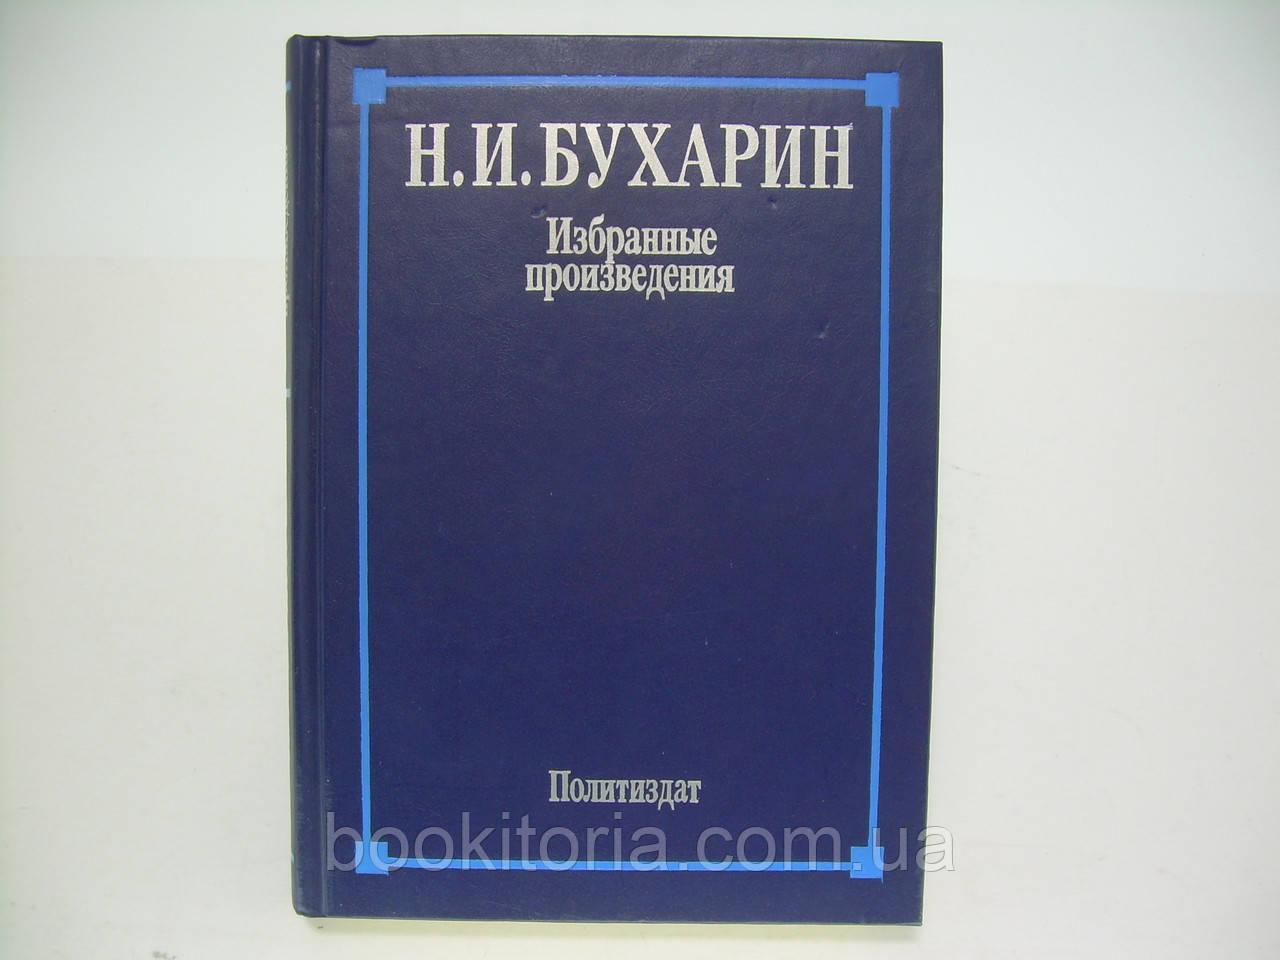 Бухарин Н.И. Избранные произведения (б/у).